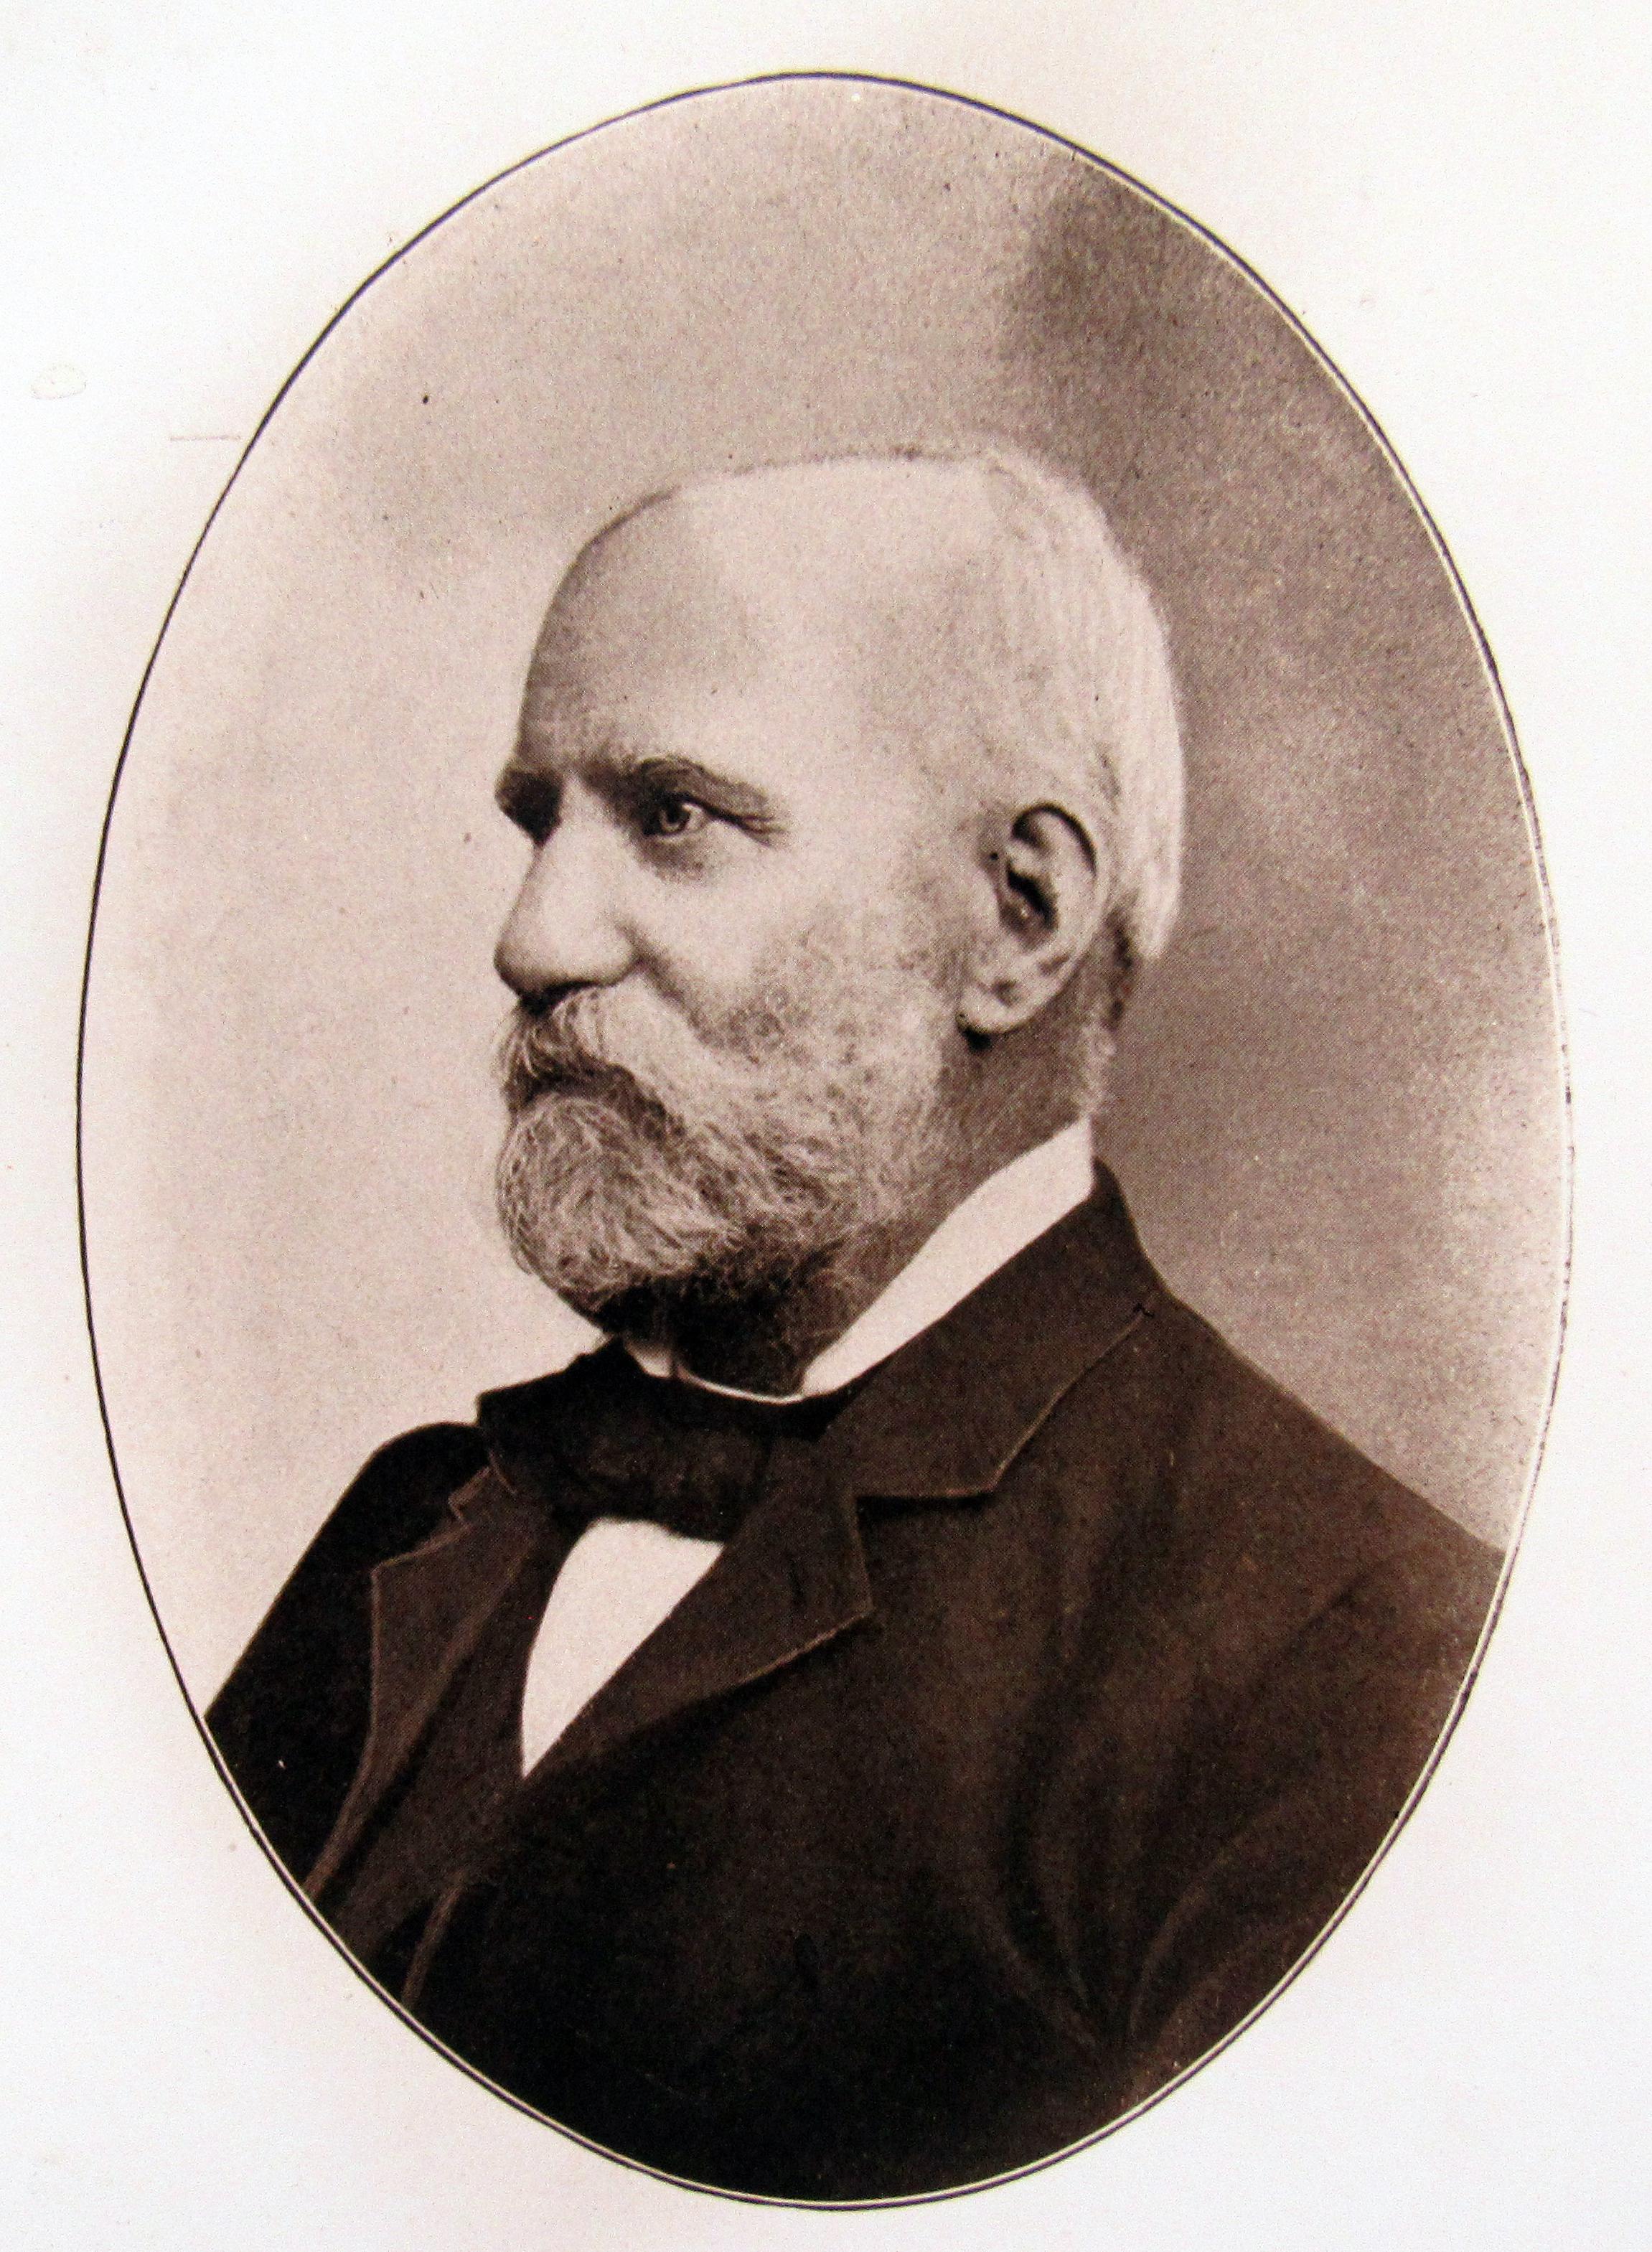 Photographie sépia de H. B. Witton prise plus tard dans sa vie. On y voit l'homme en tenue formelle, portant une barbe blanche bien taillée. Le portrait est pris de profil.